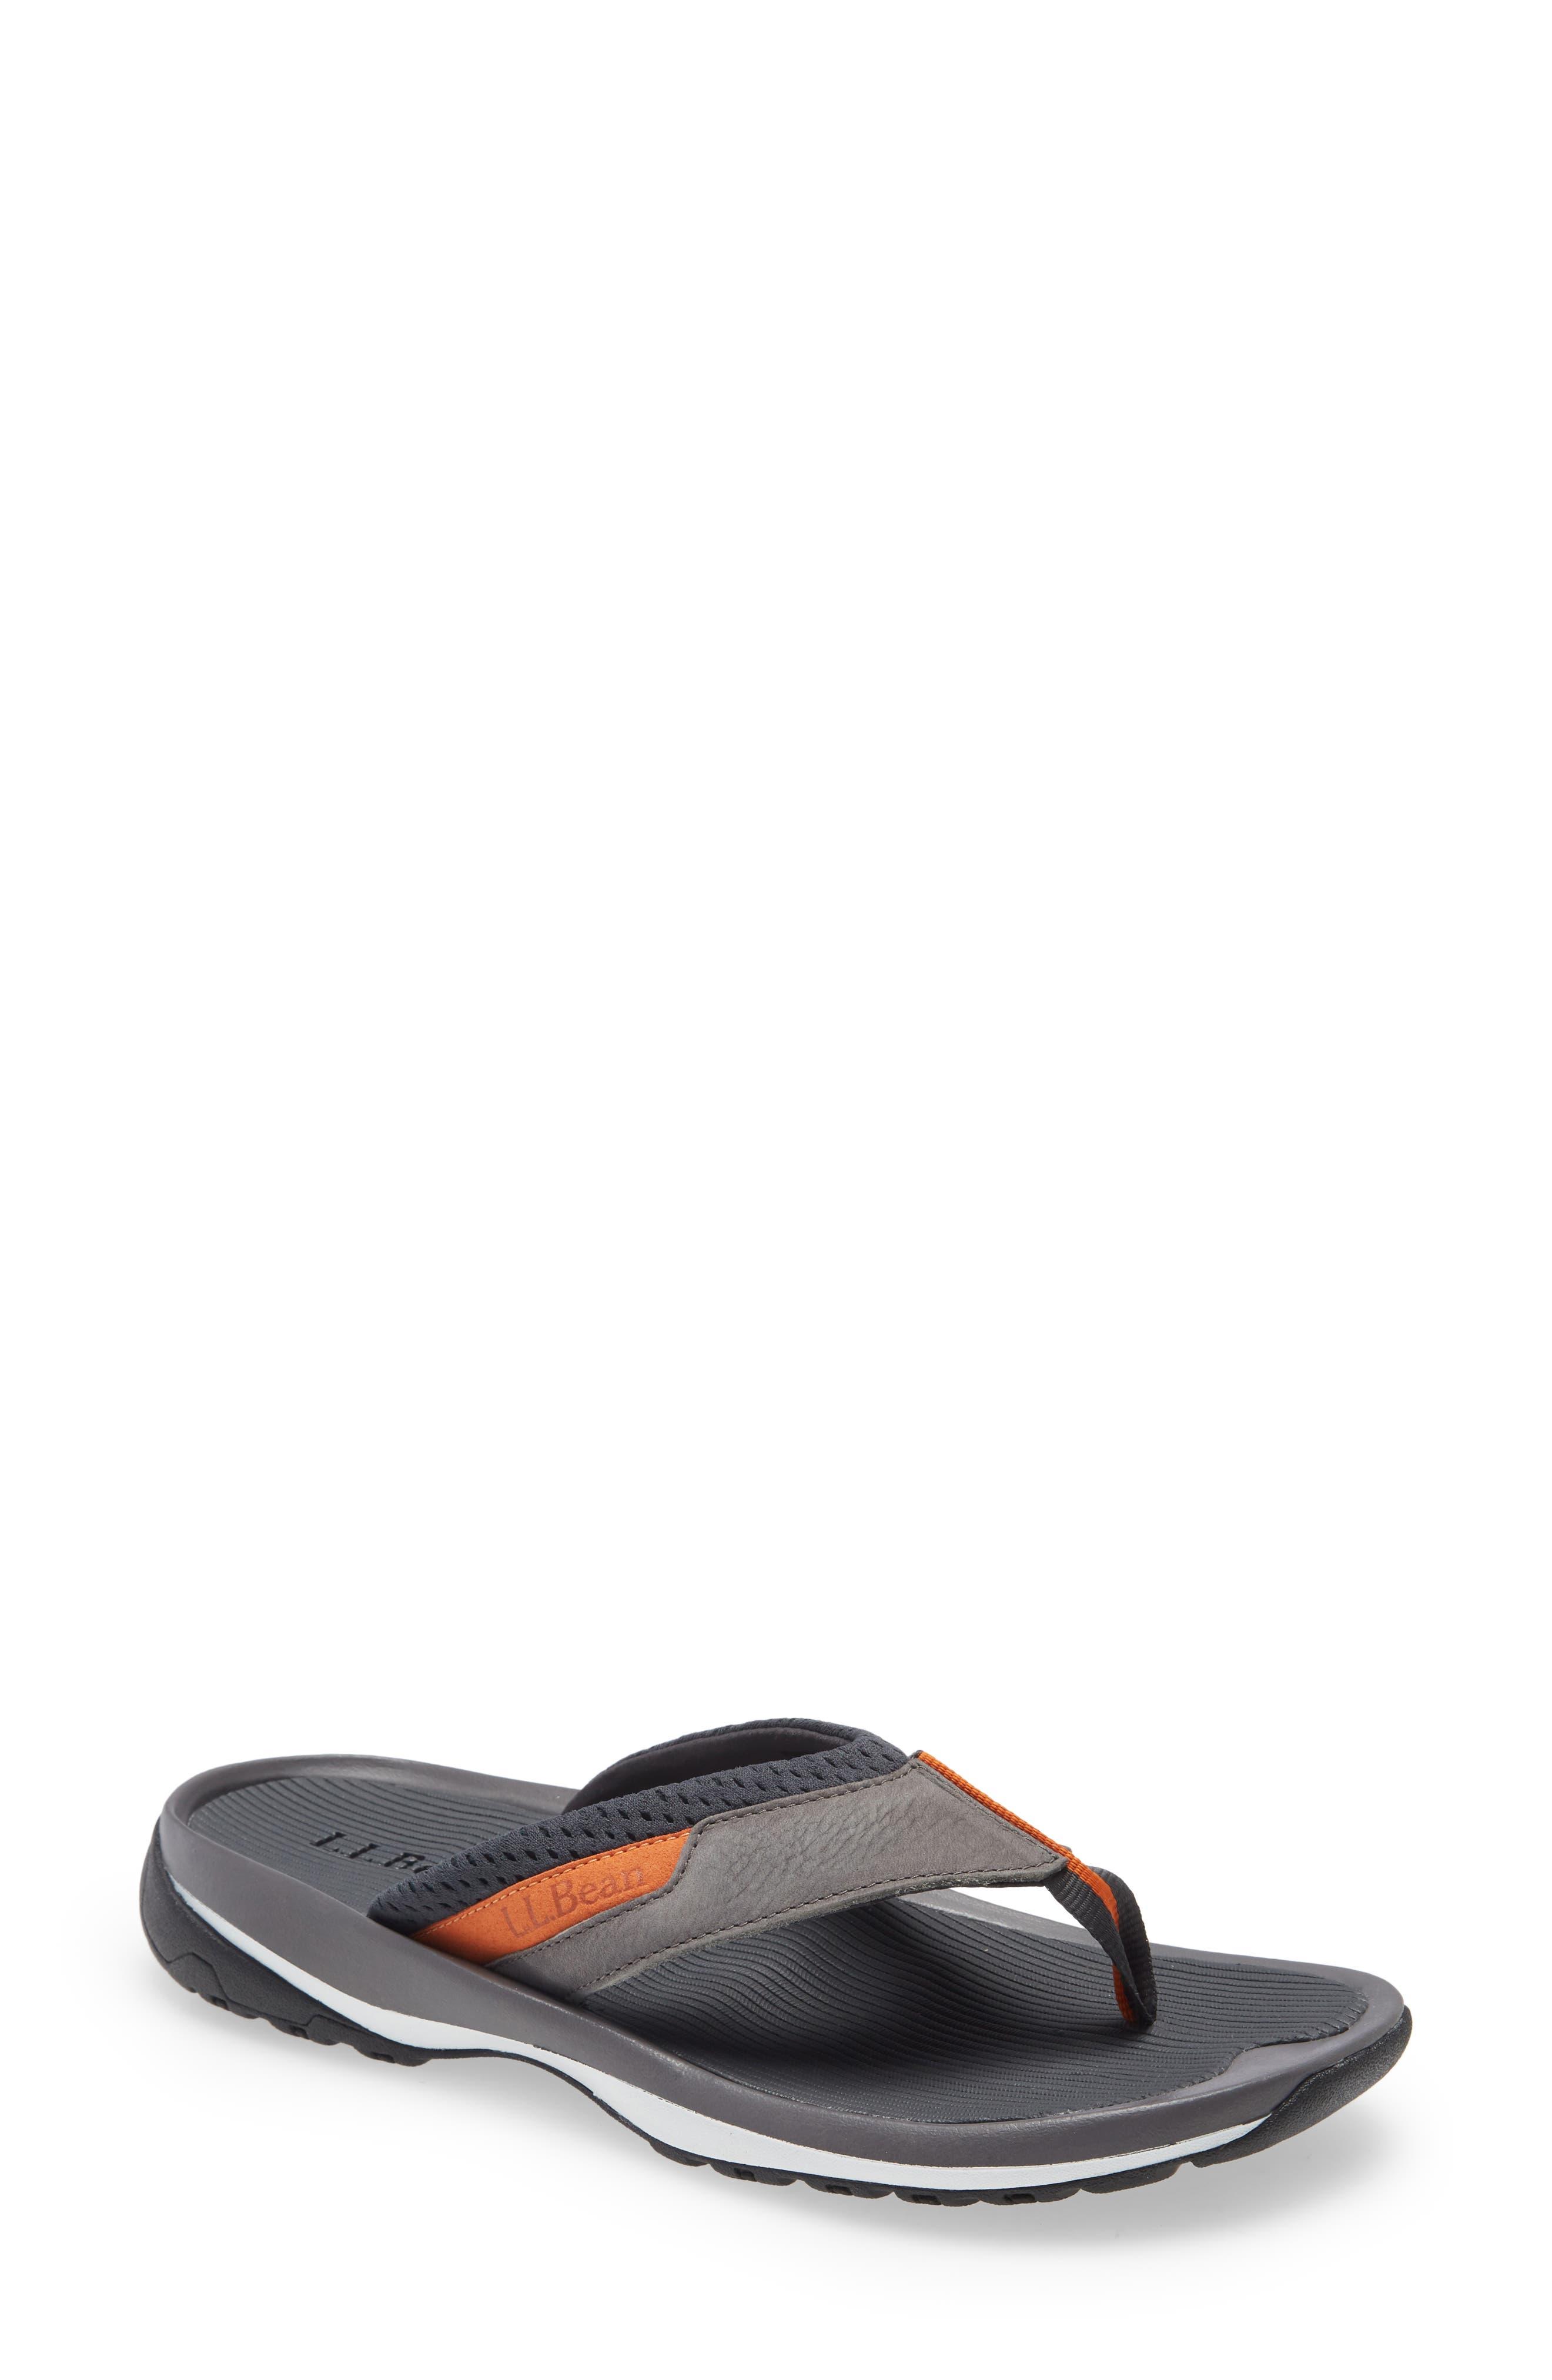 Swift River Sport Flip Flop